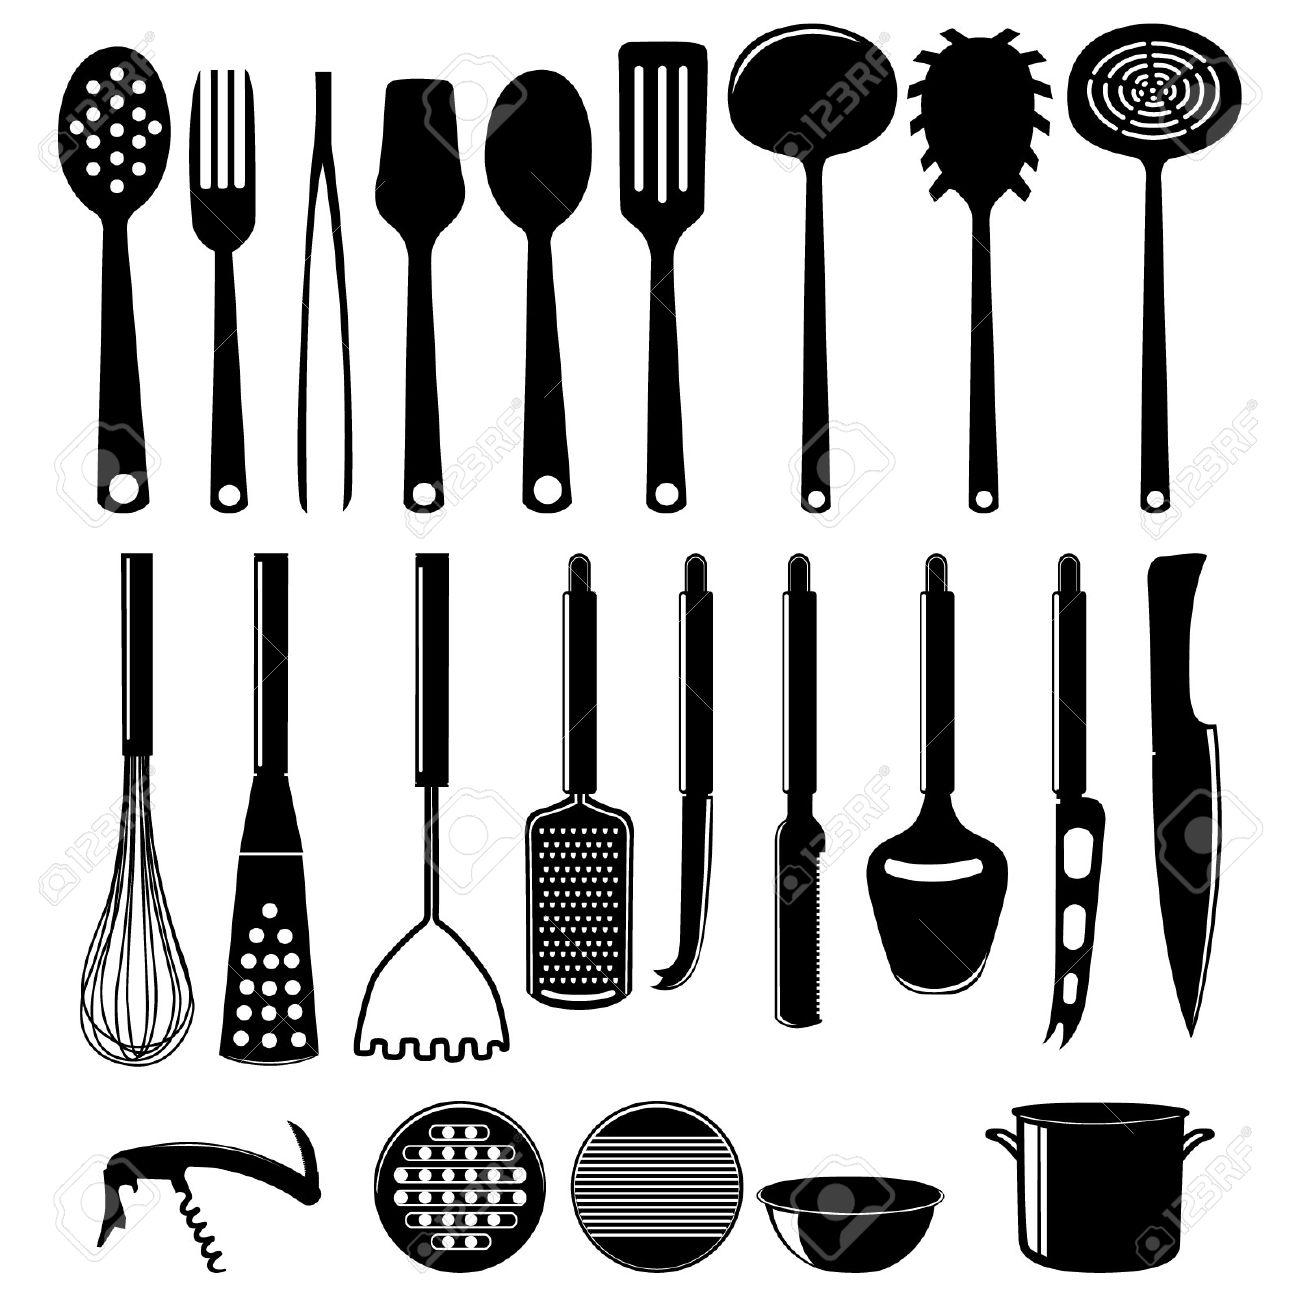 archivio fotografico icon utensili da cucina set isolato su bianco